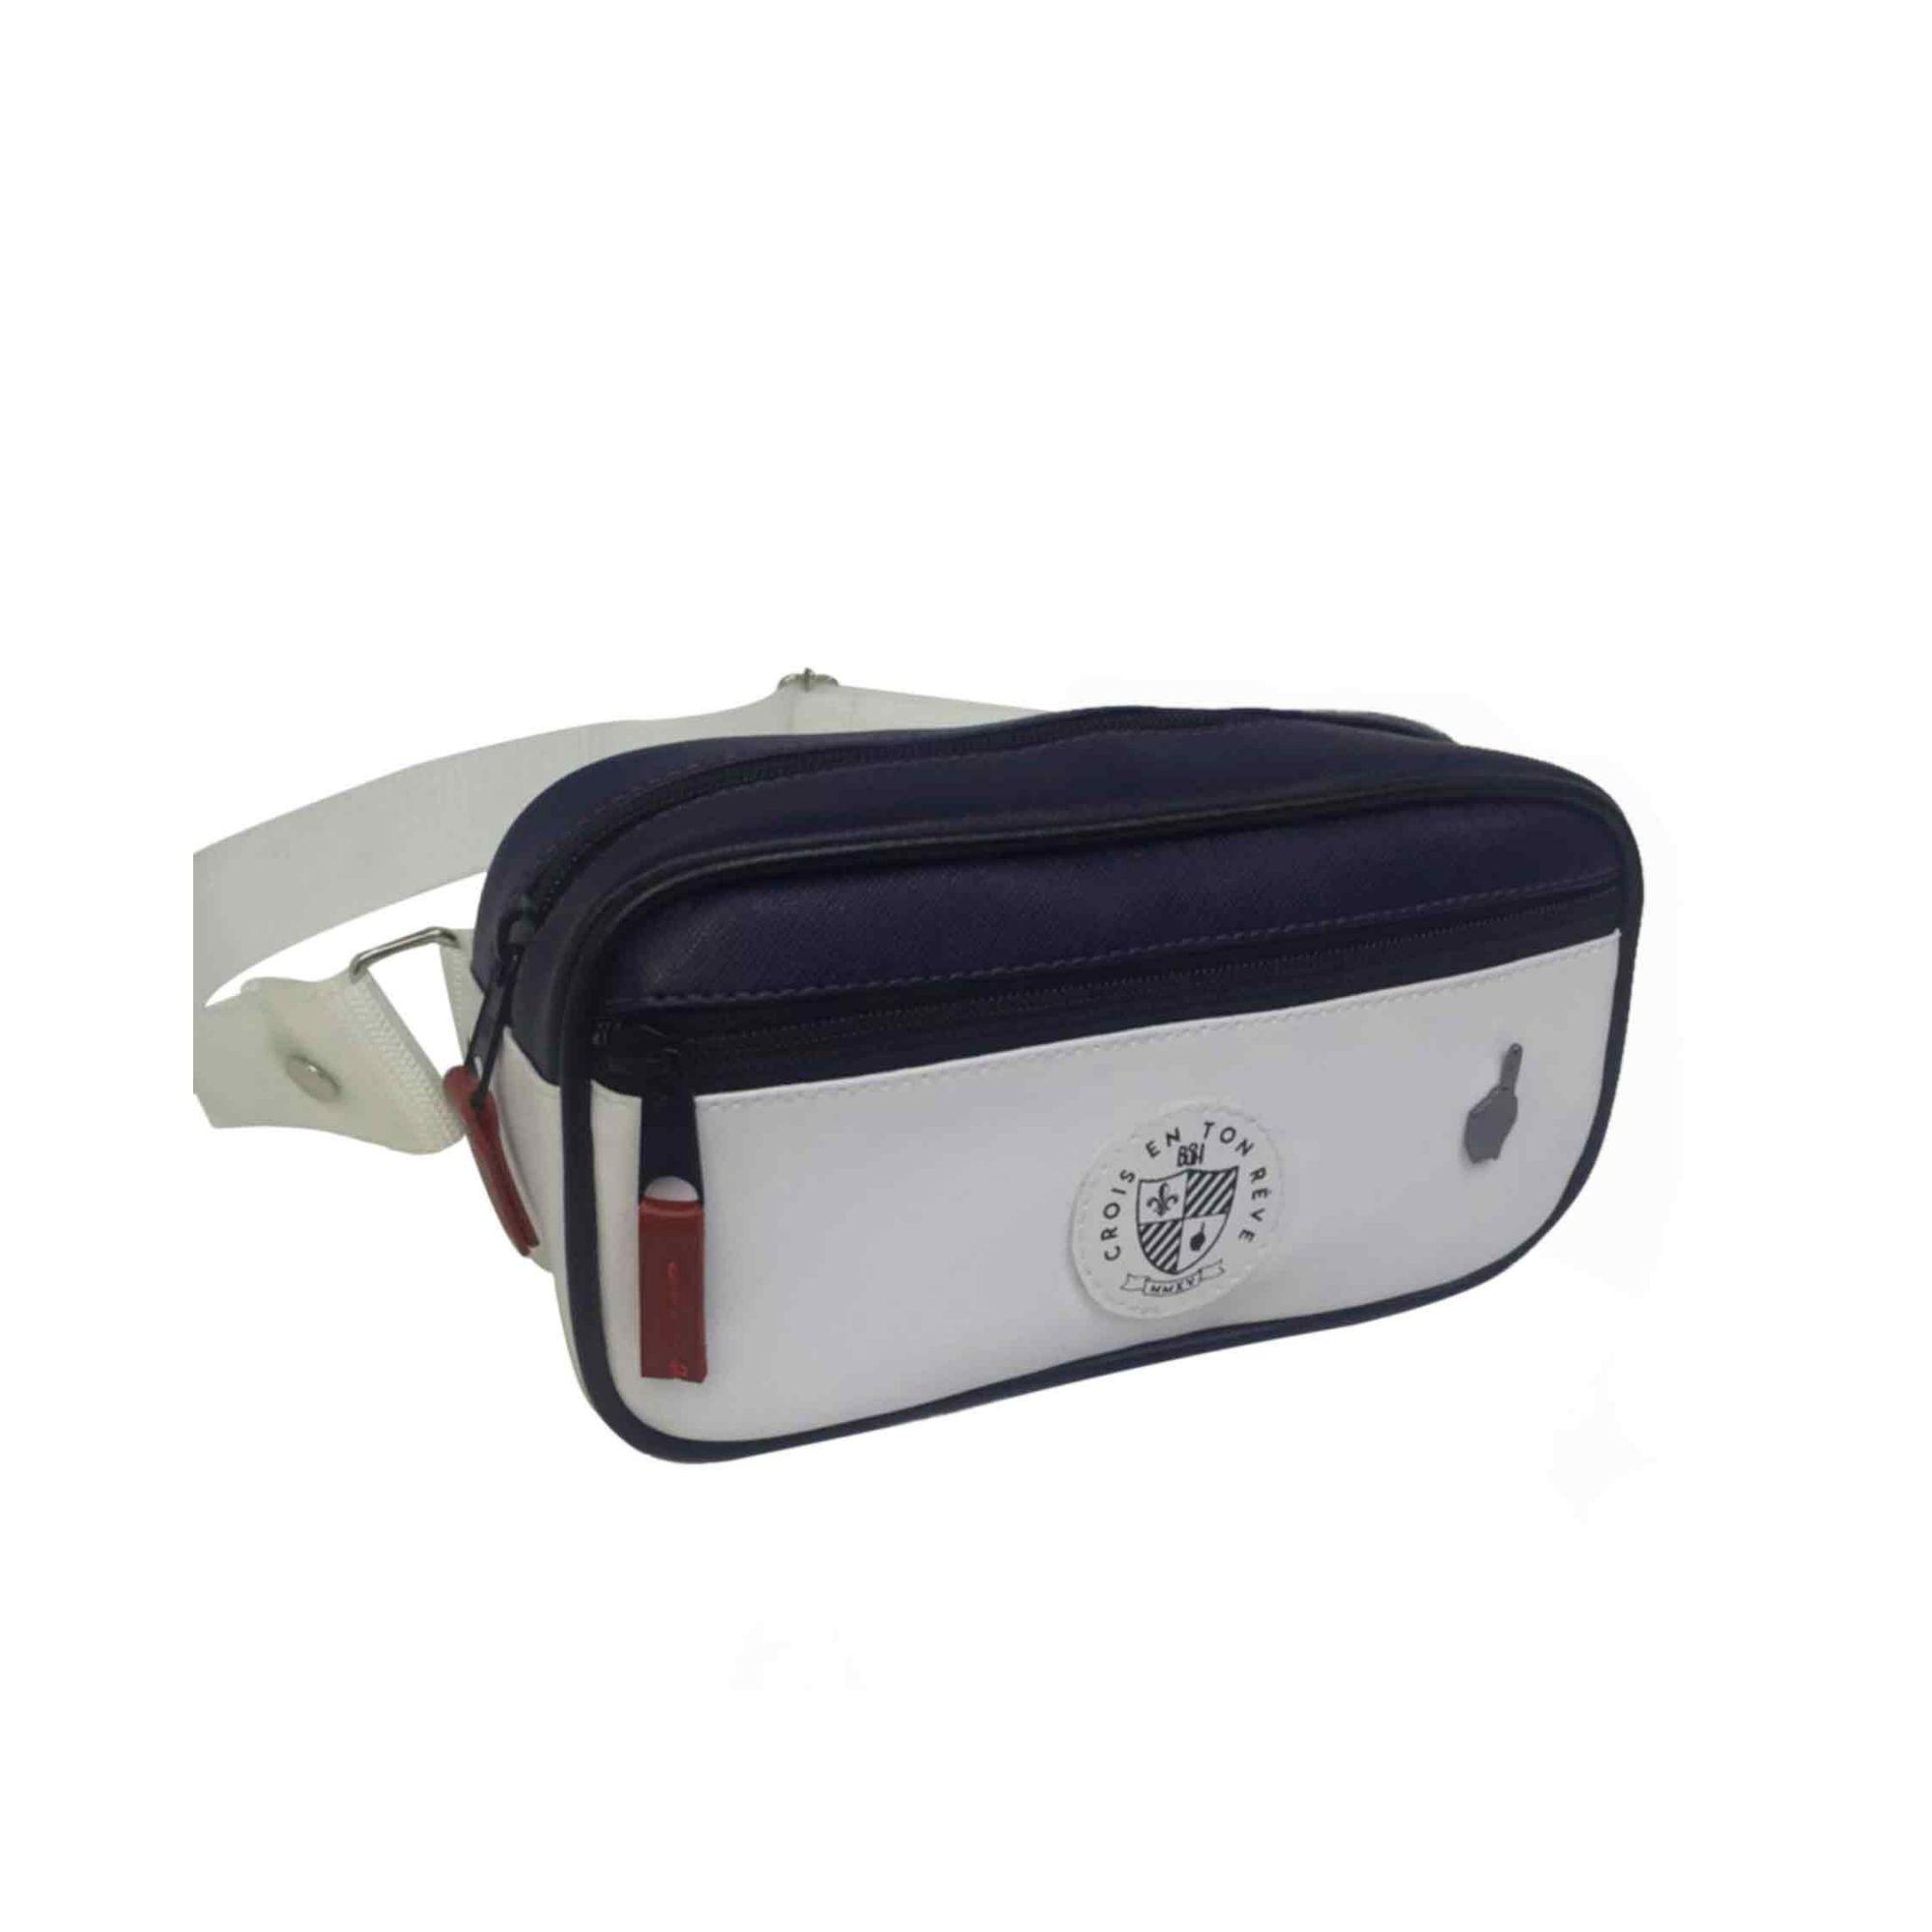 Shoulder Bag Buh France